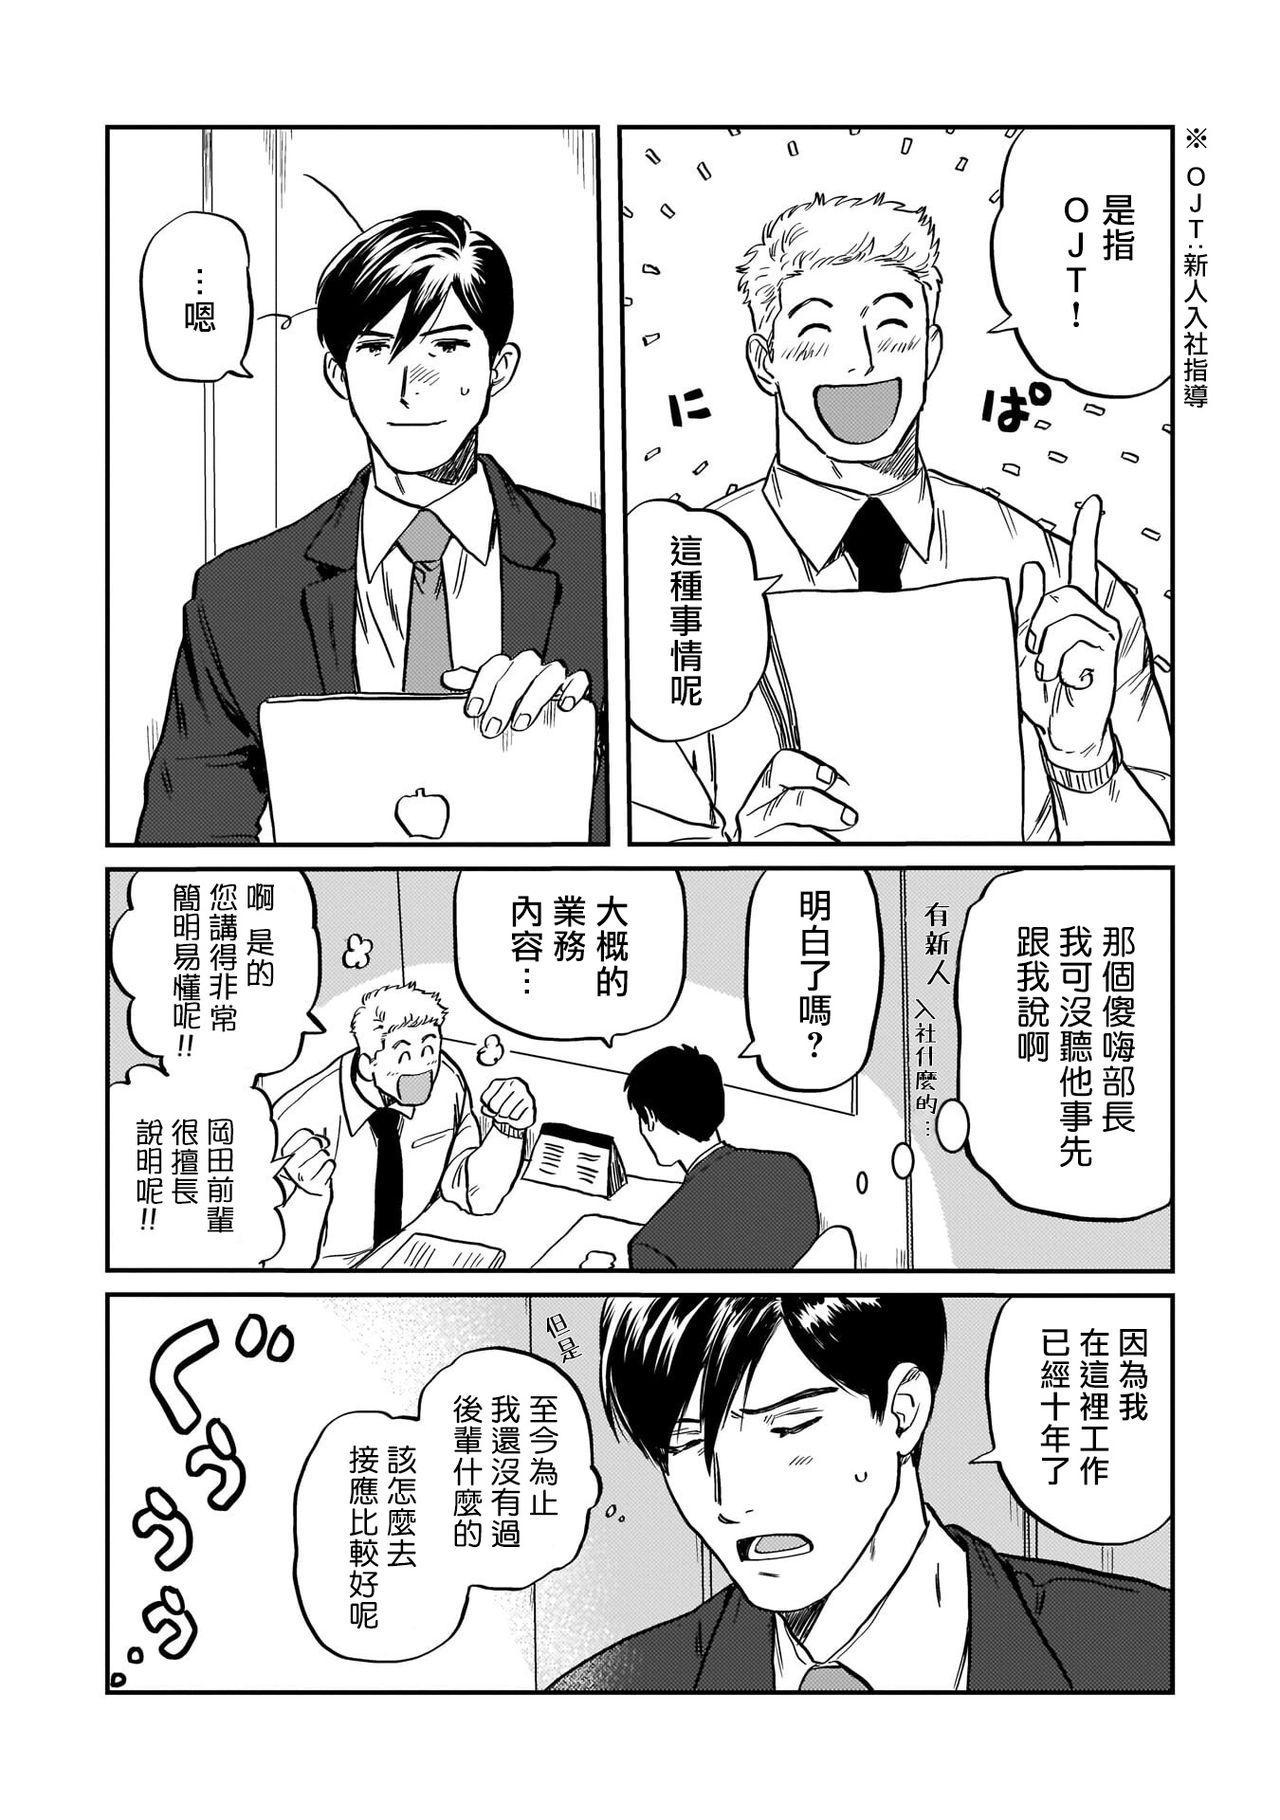 Kouhai no Oppai ga Suki Sugiru | 我太喜欢后辈的奶子了 Ch. 1-2 14